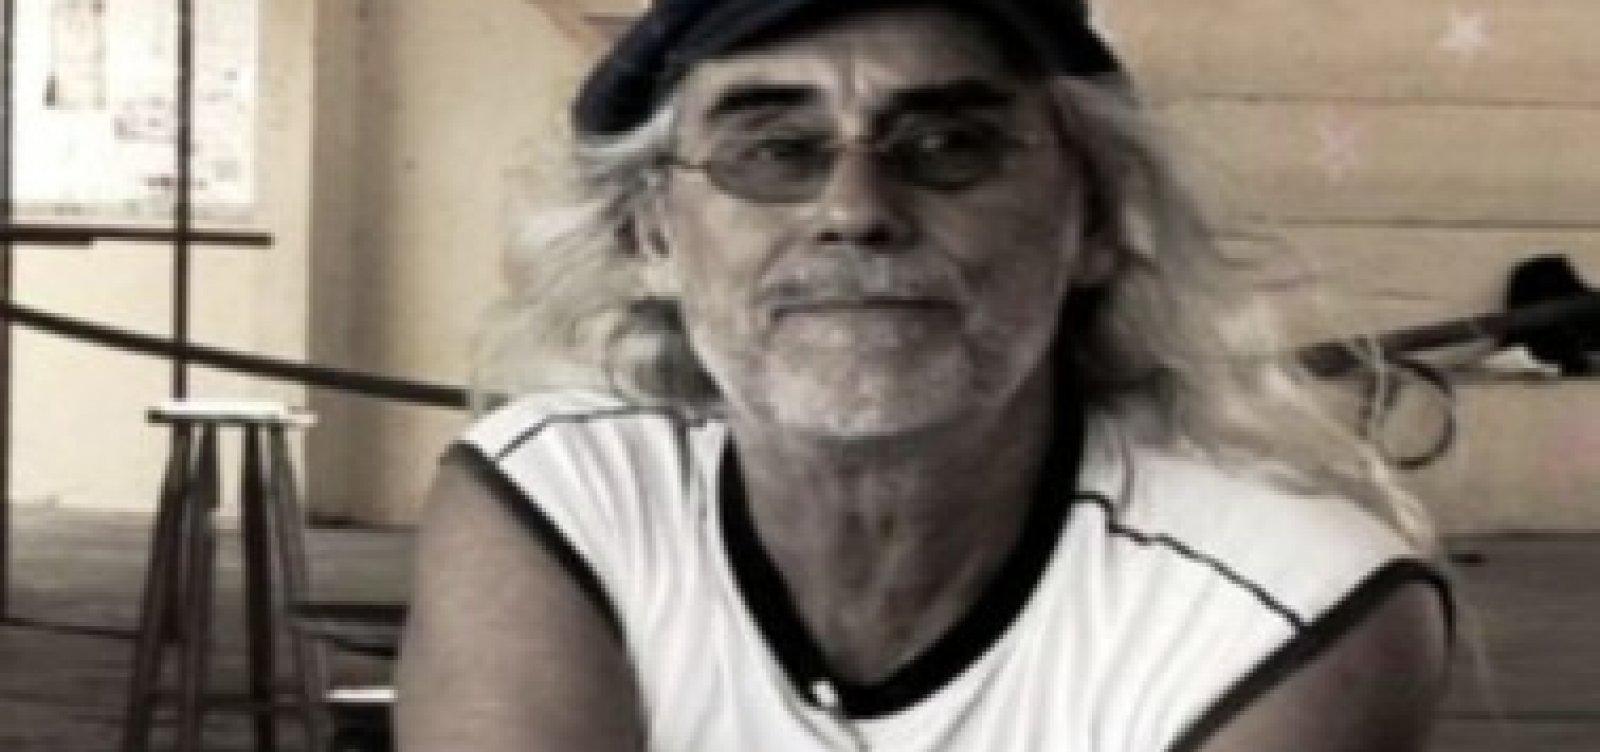 [Fundador do Circo Picolino, Anselmo Serrat morre aos 71 anos]